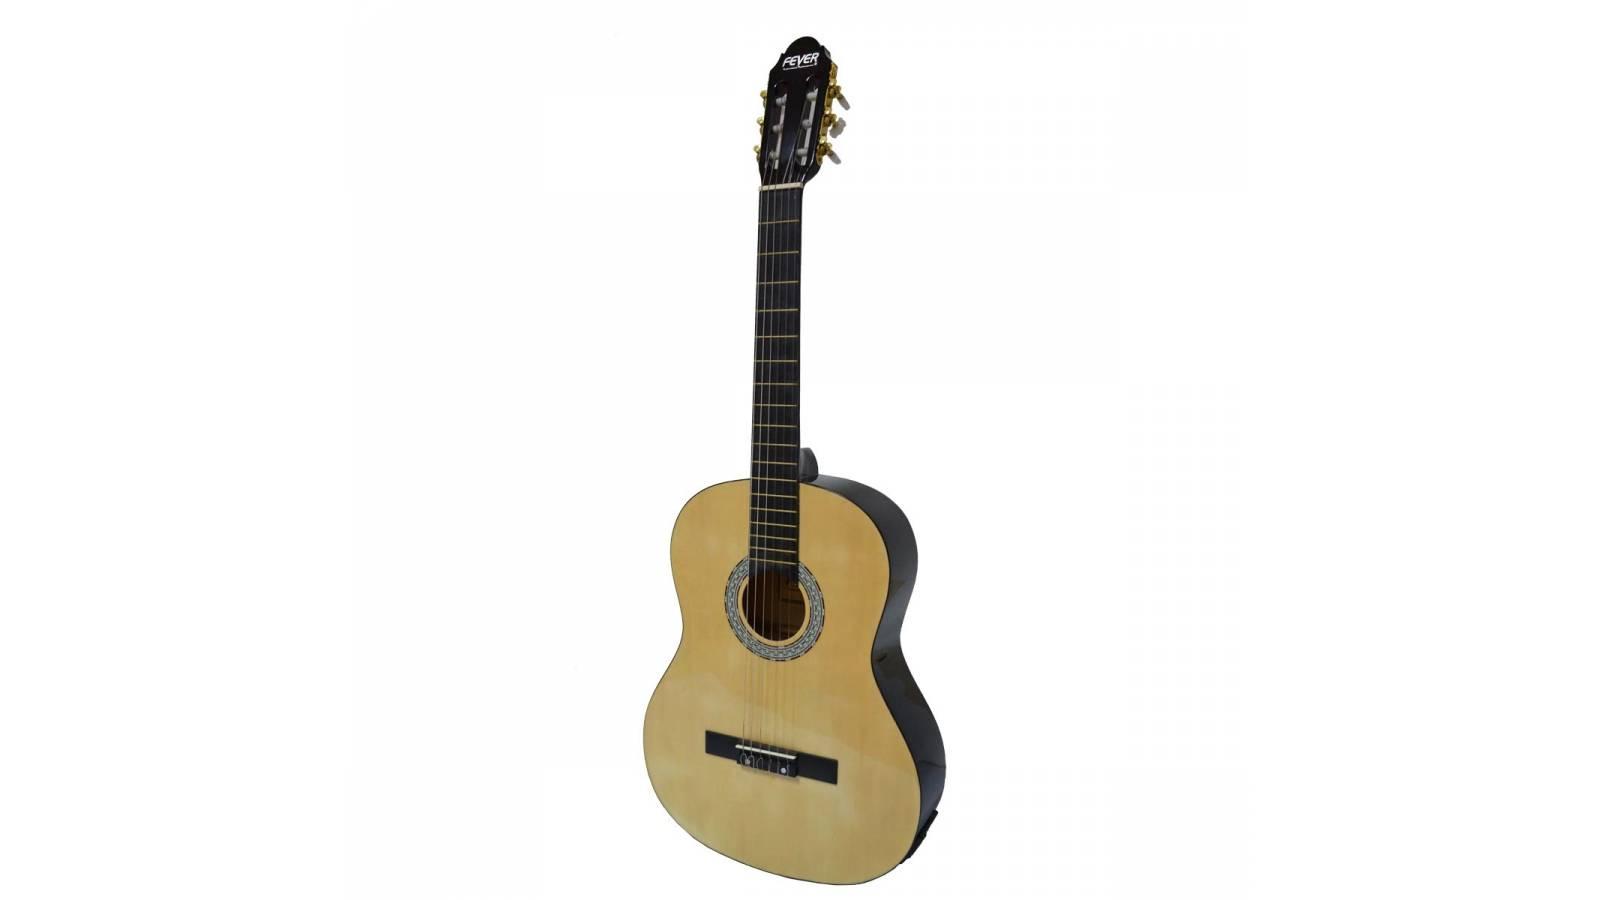 Guitarra Electro Acústica Fever Cuerdas Nylon FEV-39EQC